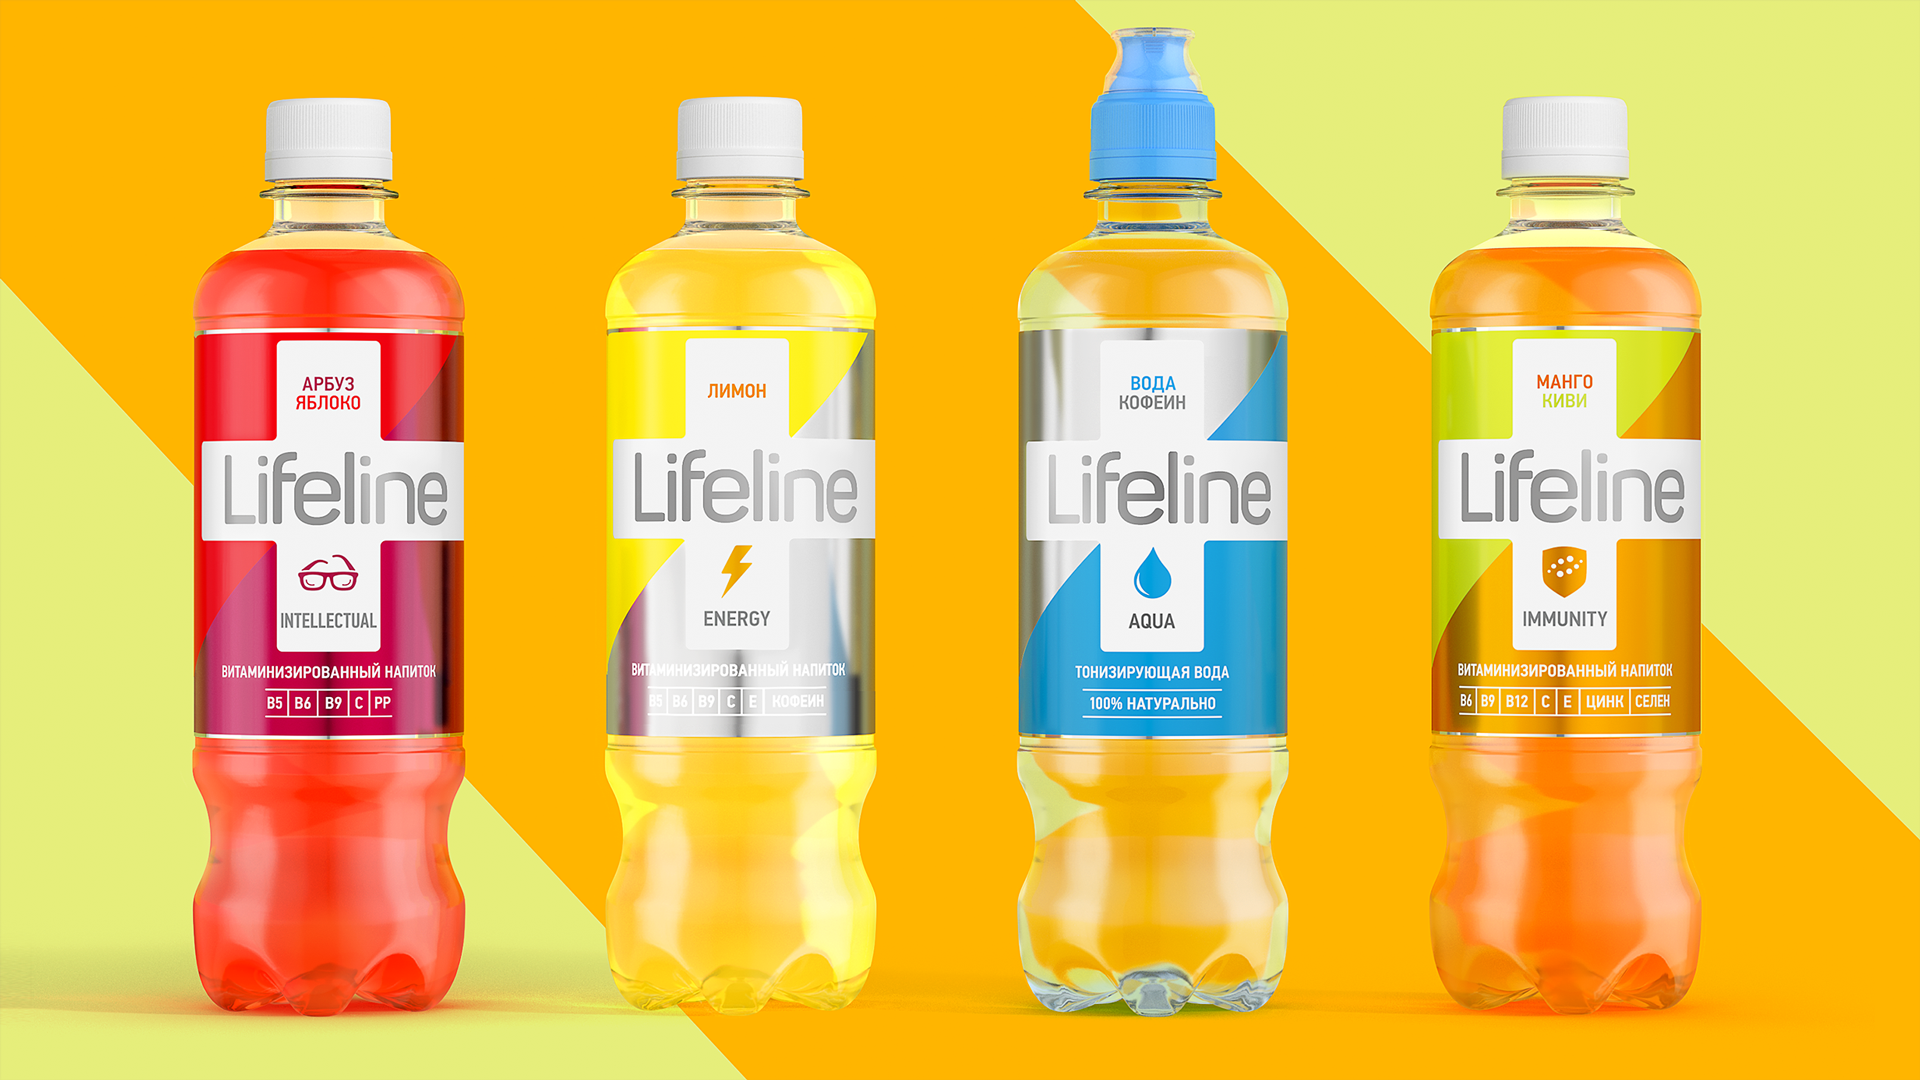 Дизайн этикетки воды Life Line